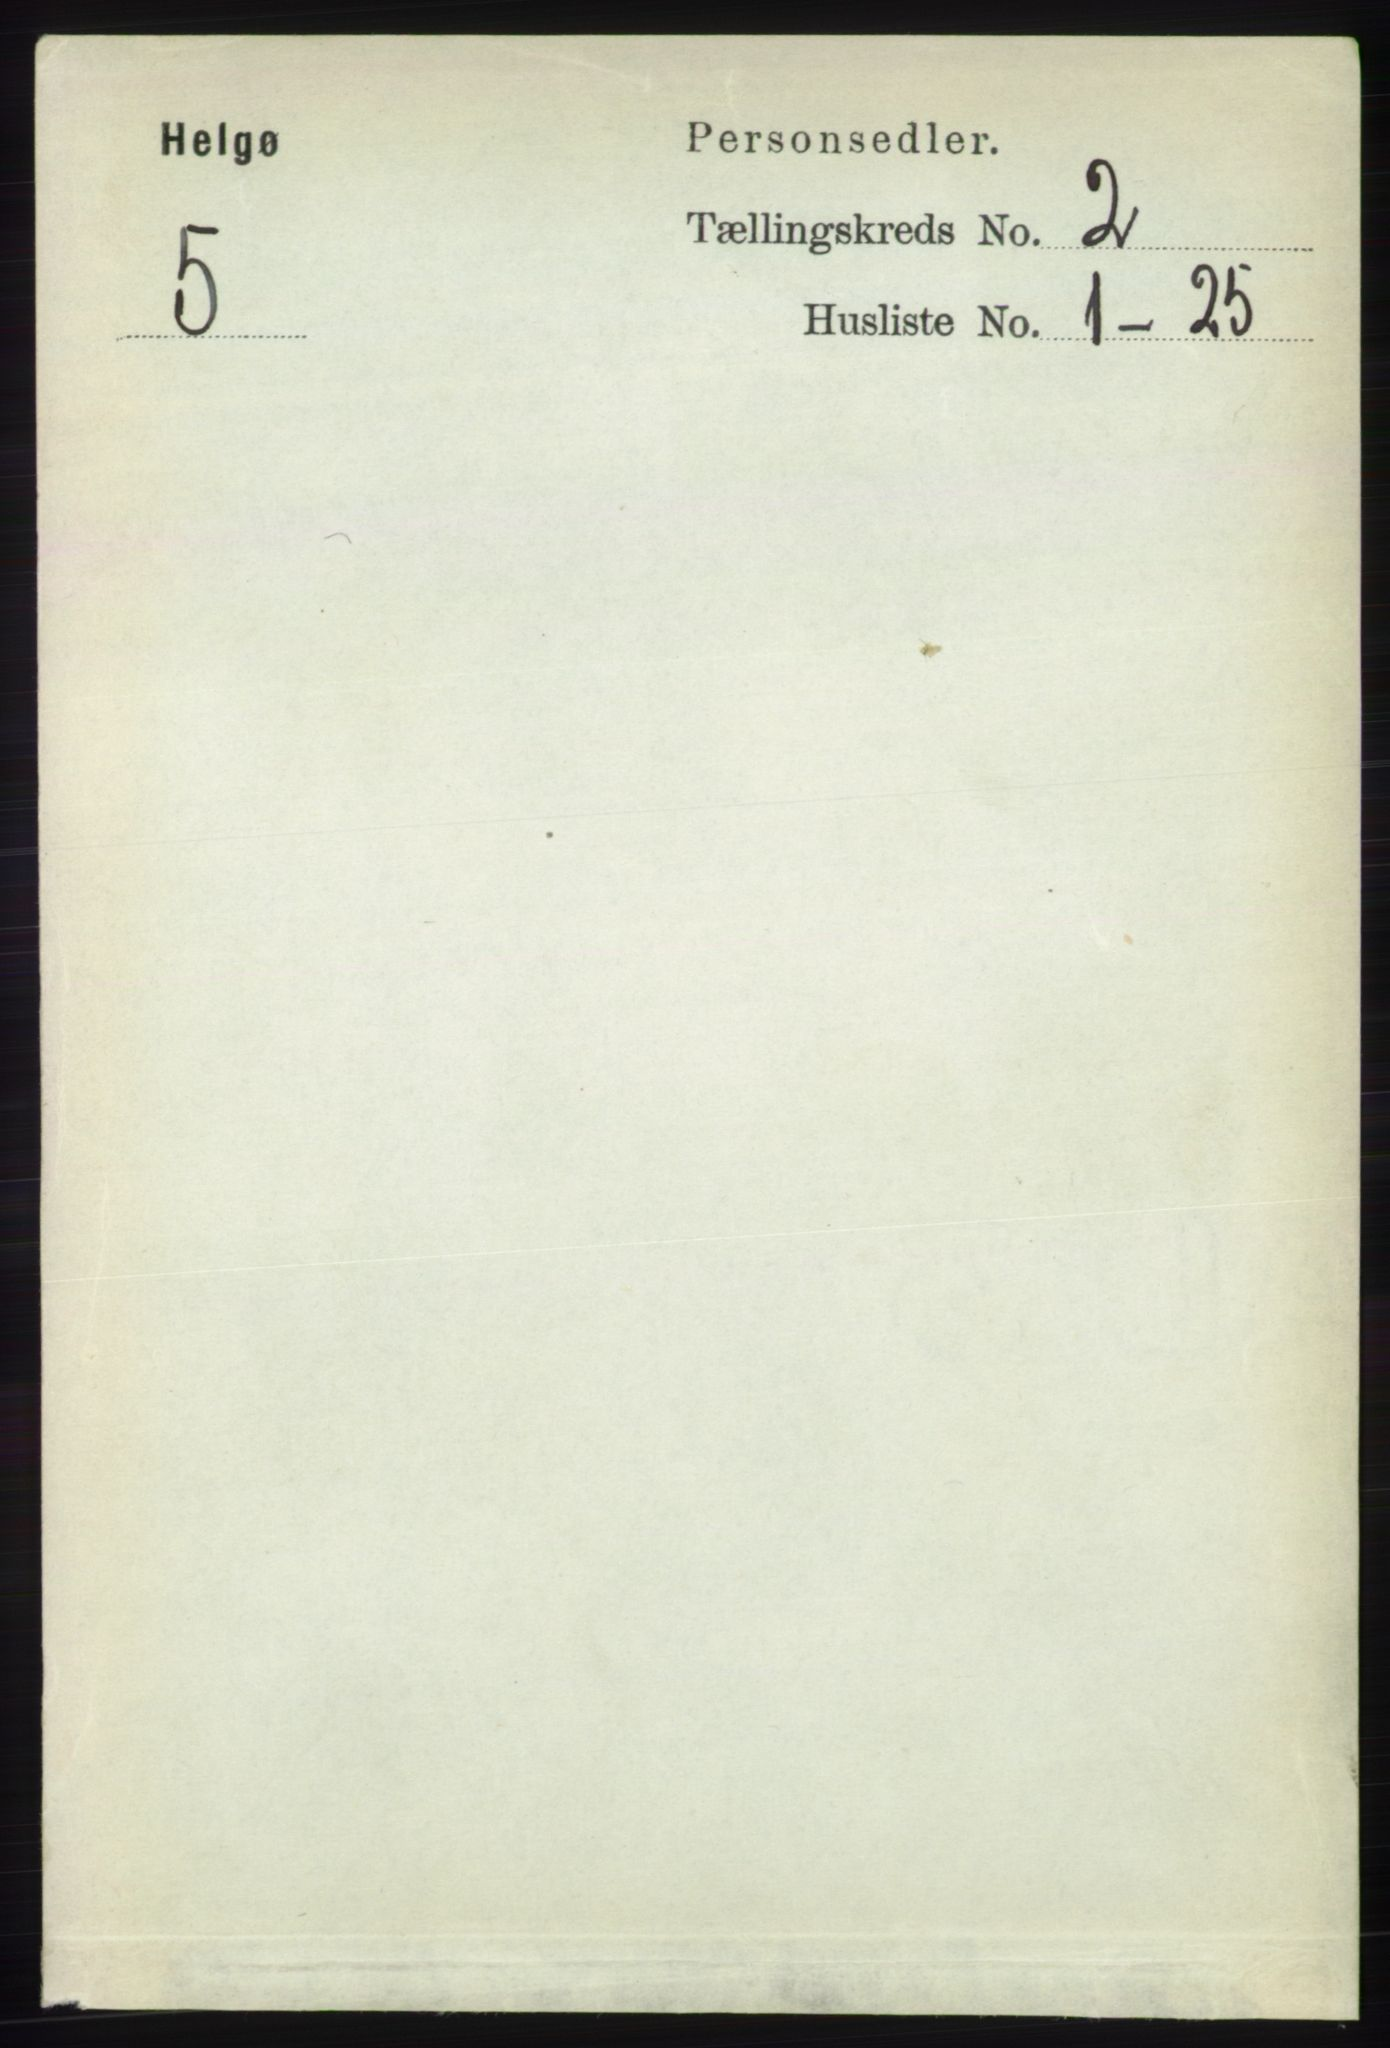 RA, Folketelling 1891 for 1935 Helgøy herred, 1891, s. 332